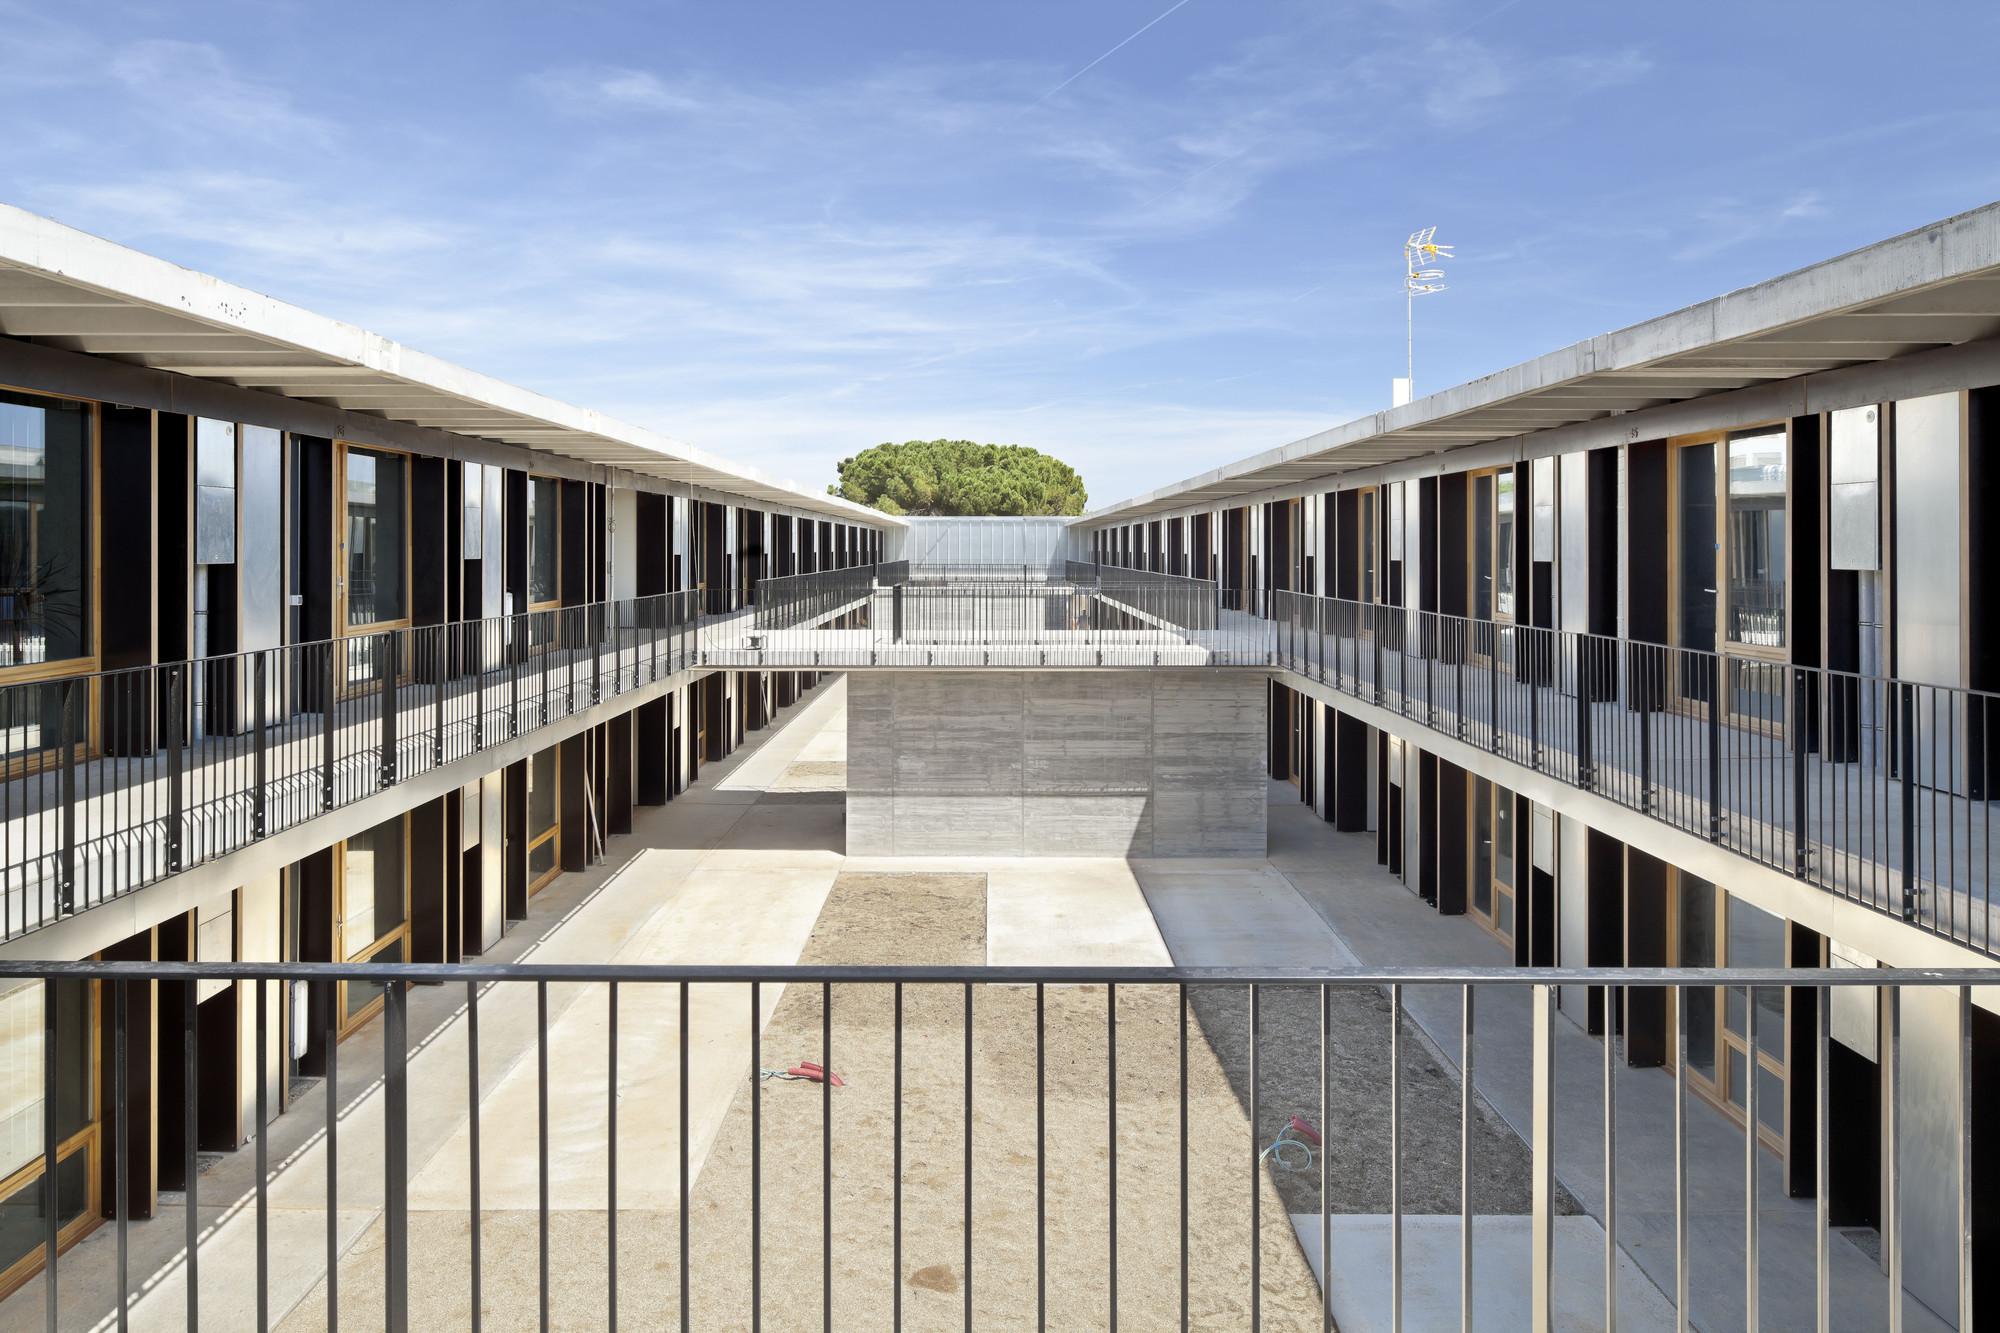 57 viviendas universitarias en el campus de l etsav h - Escuela superior de arquitectura de san sebastian ...